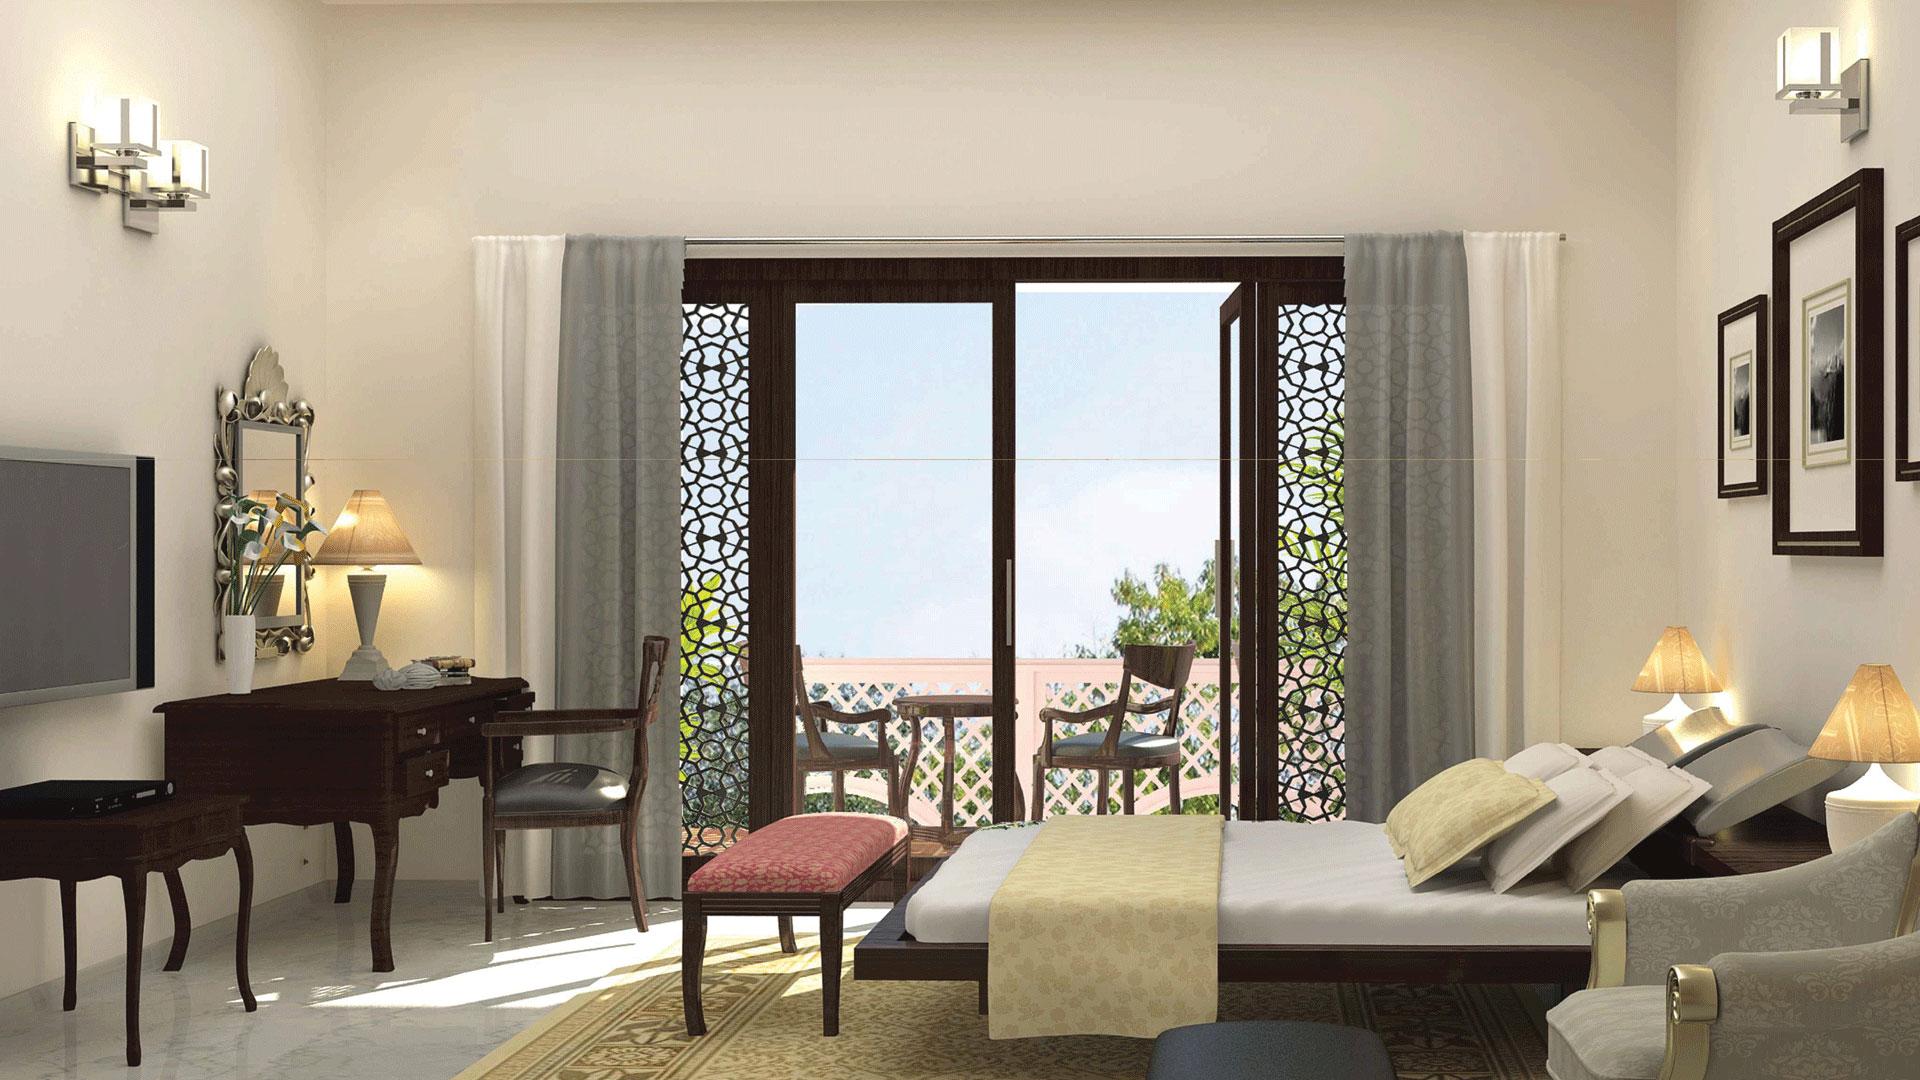 prestige-leela-residences-Apartment-in-Kodihalli-Bangalore-Image-05